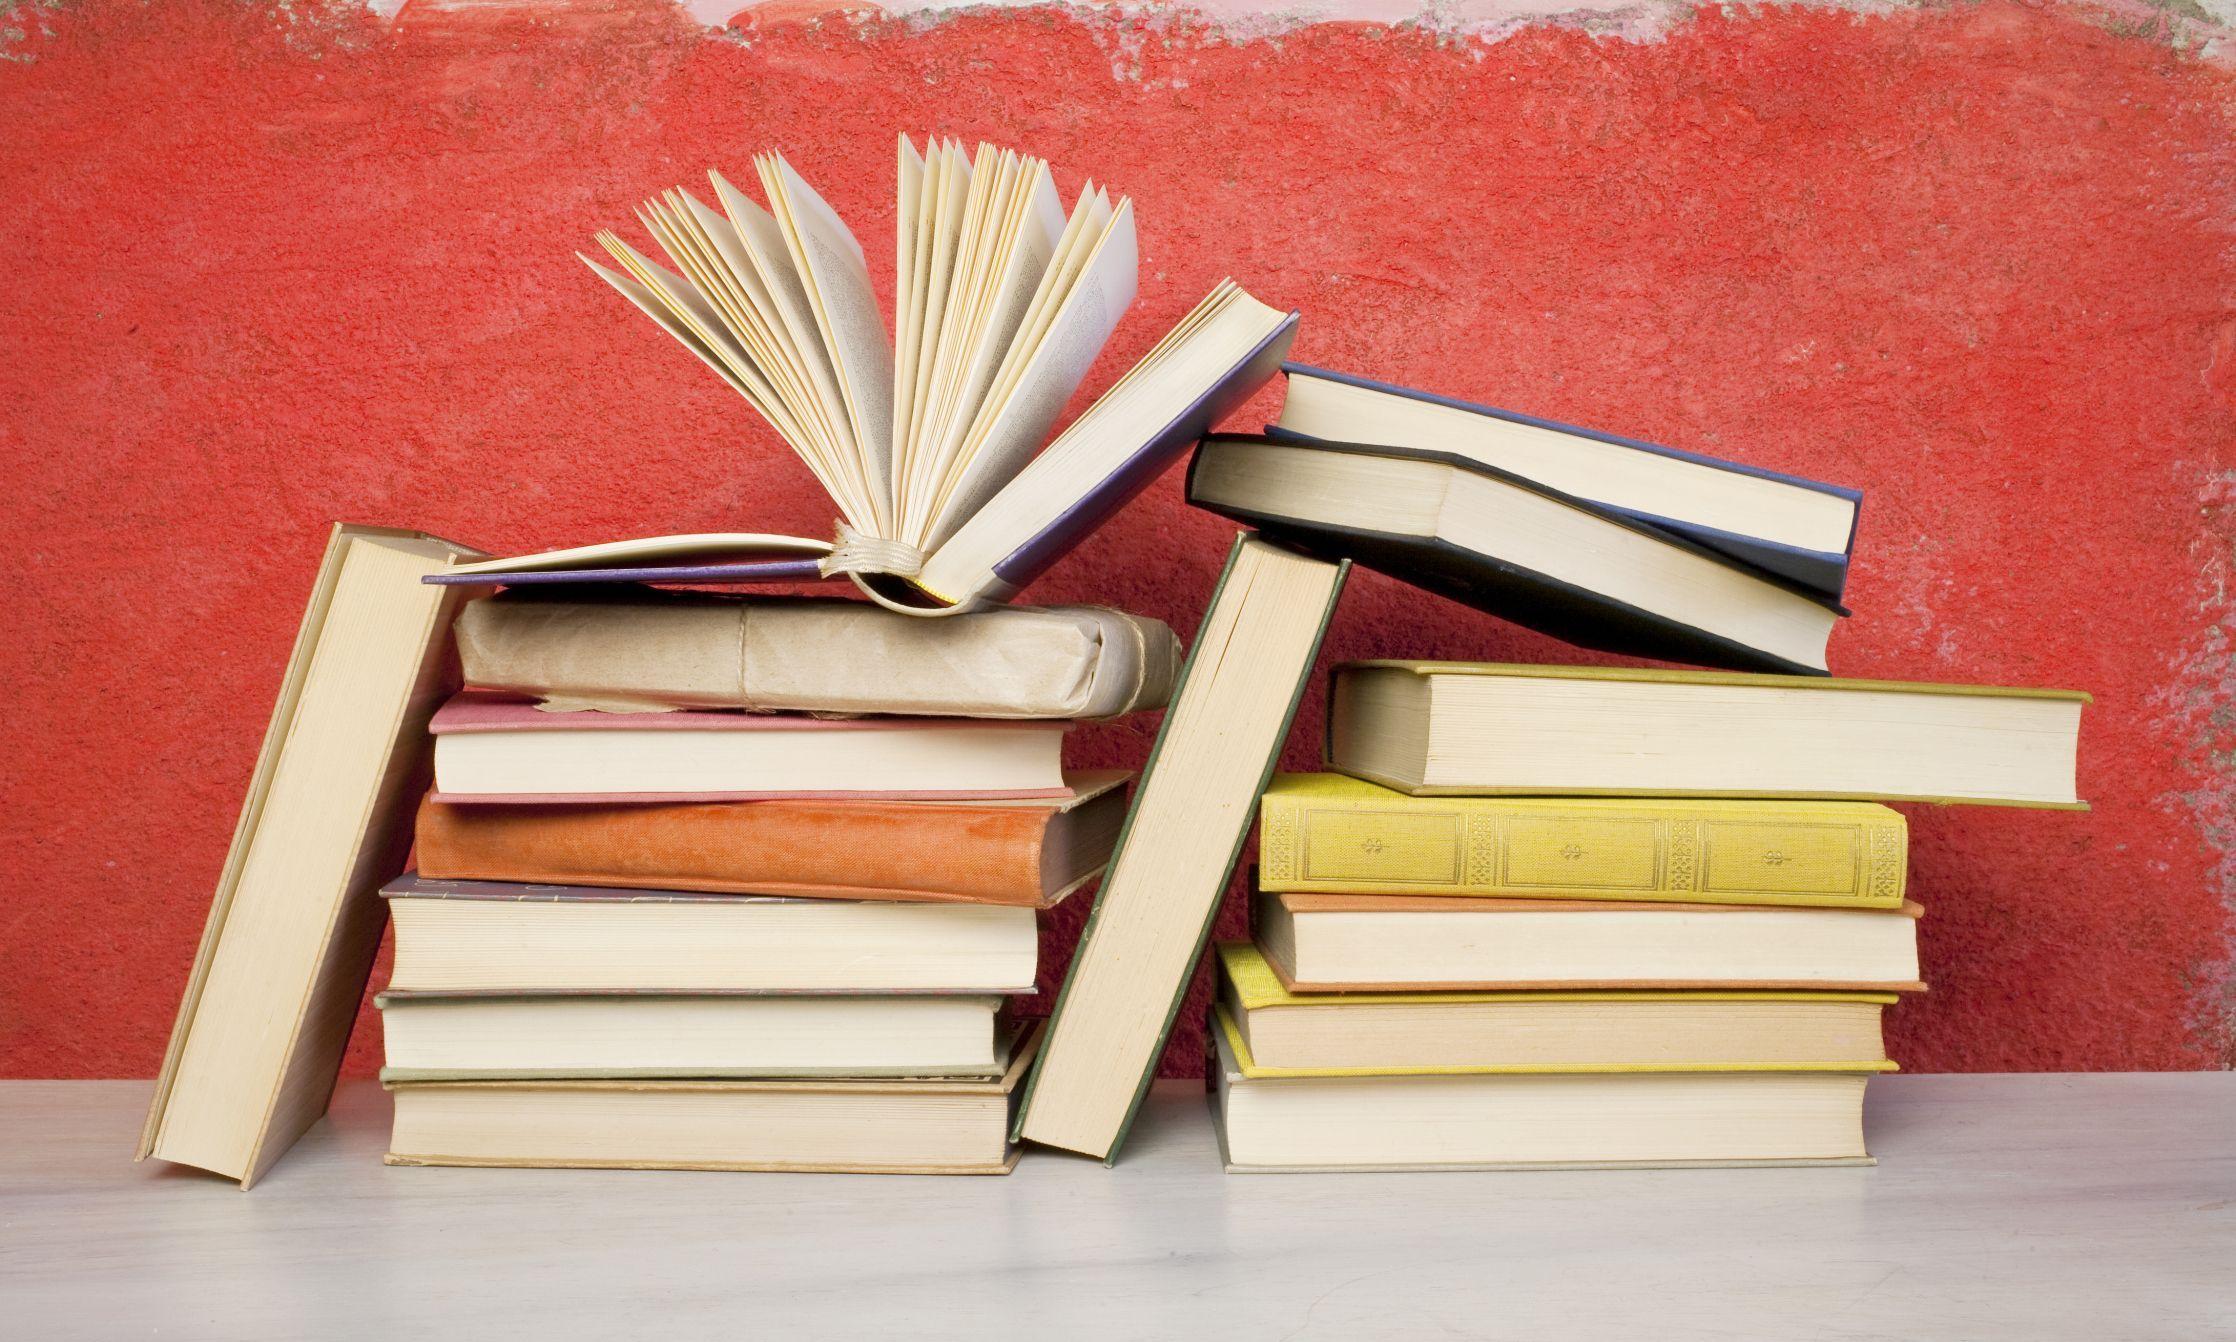 I libri più venduti dell'ultima settimana: la classifica dal 17 al 22 settembre 2014